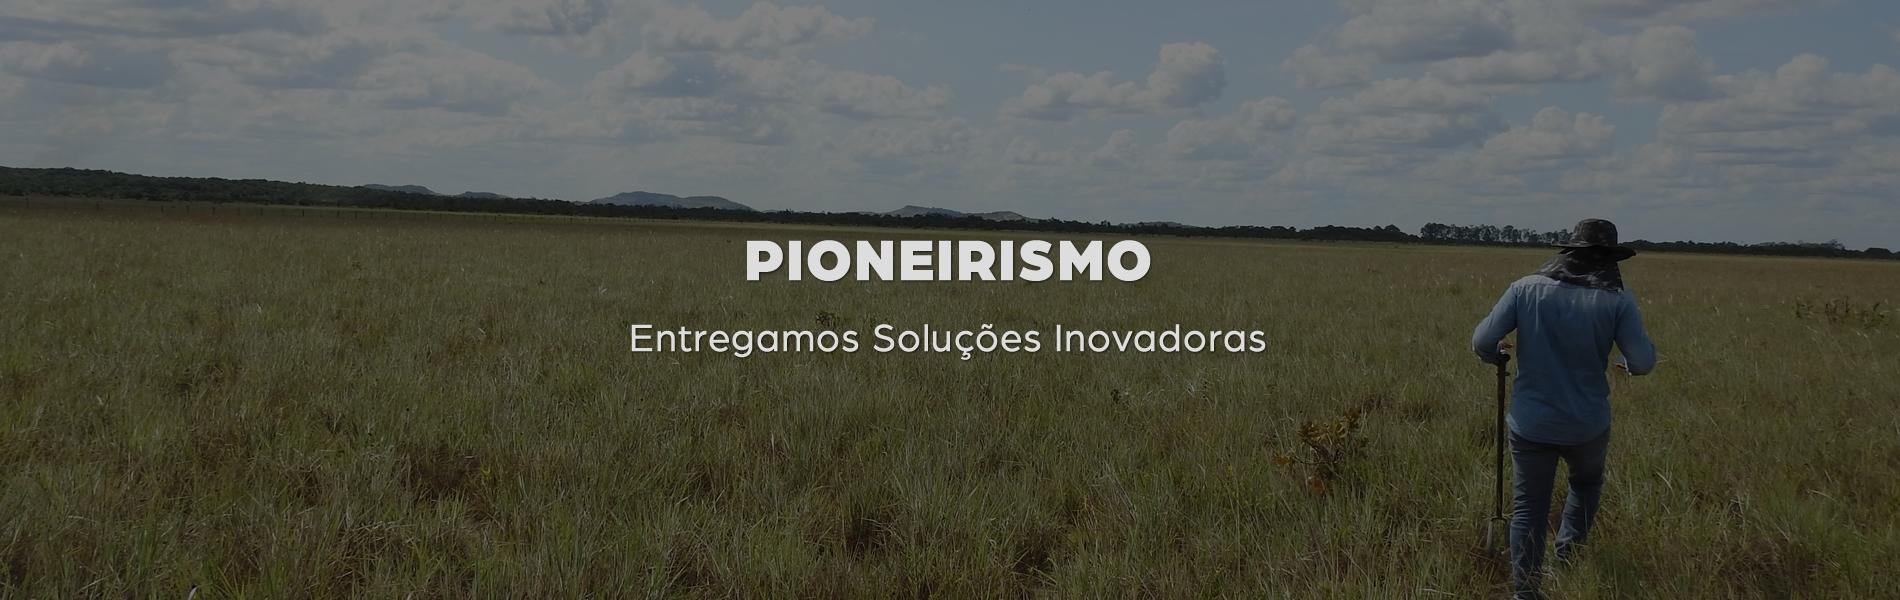 Pioneirismo - Entregamos Soluções Inovadoras - Soluções Ambientais - Ecovery